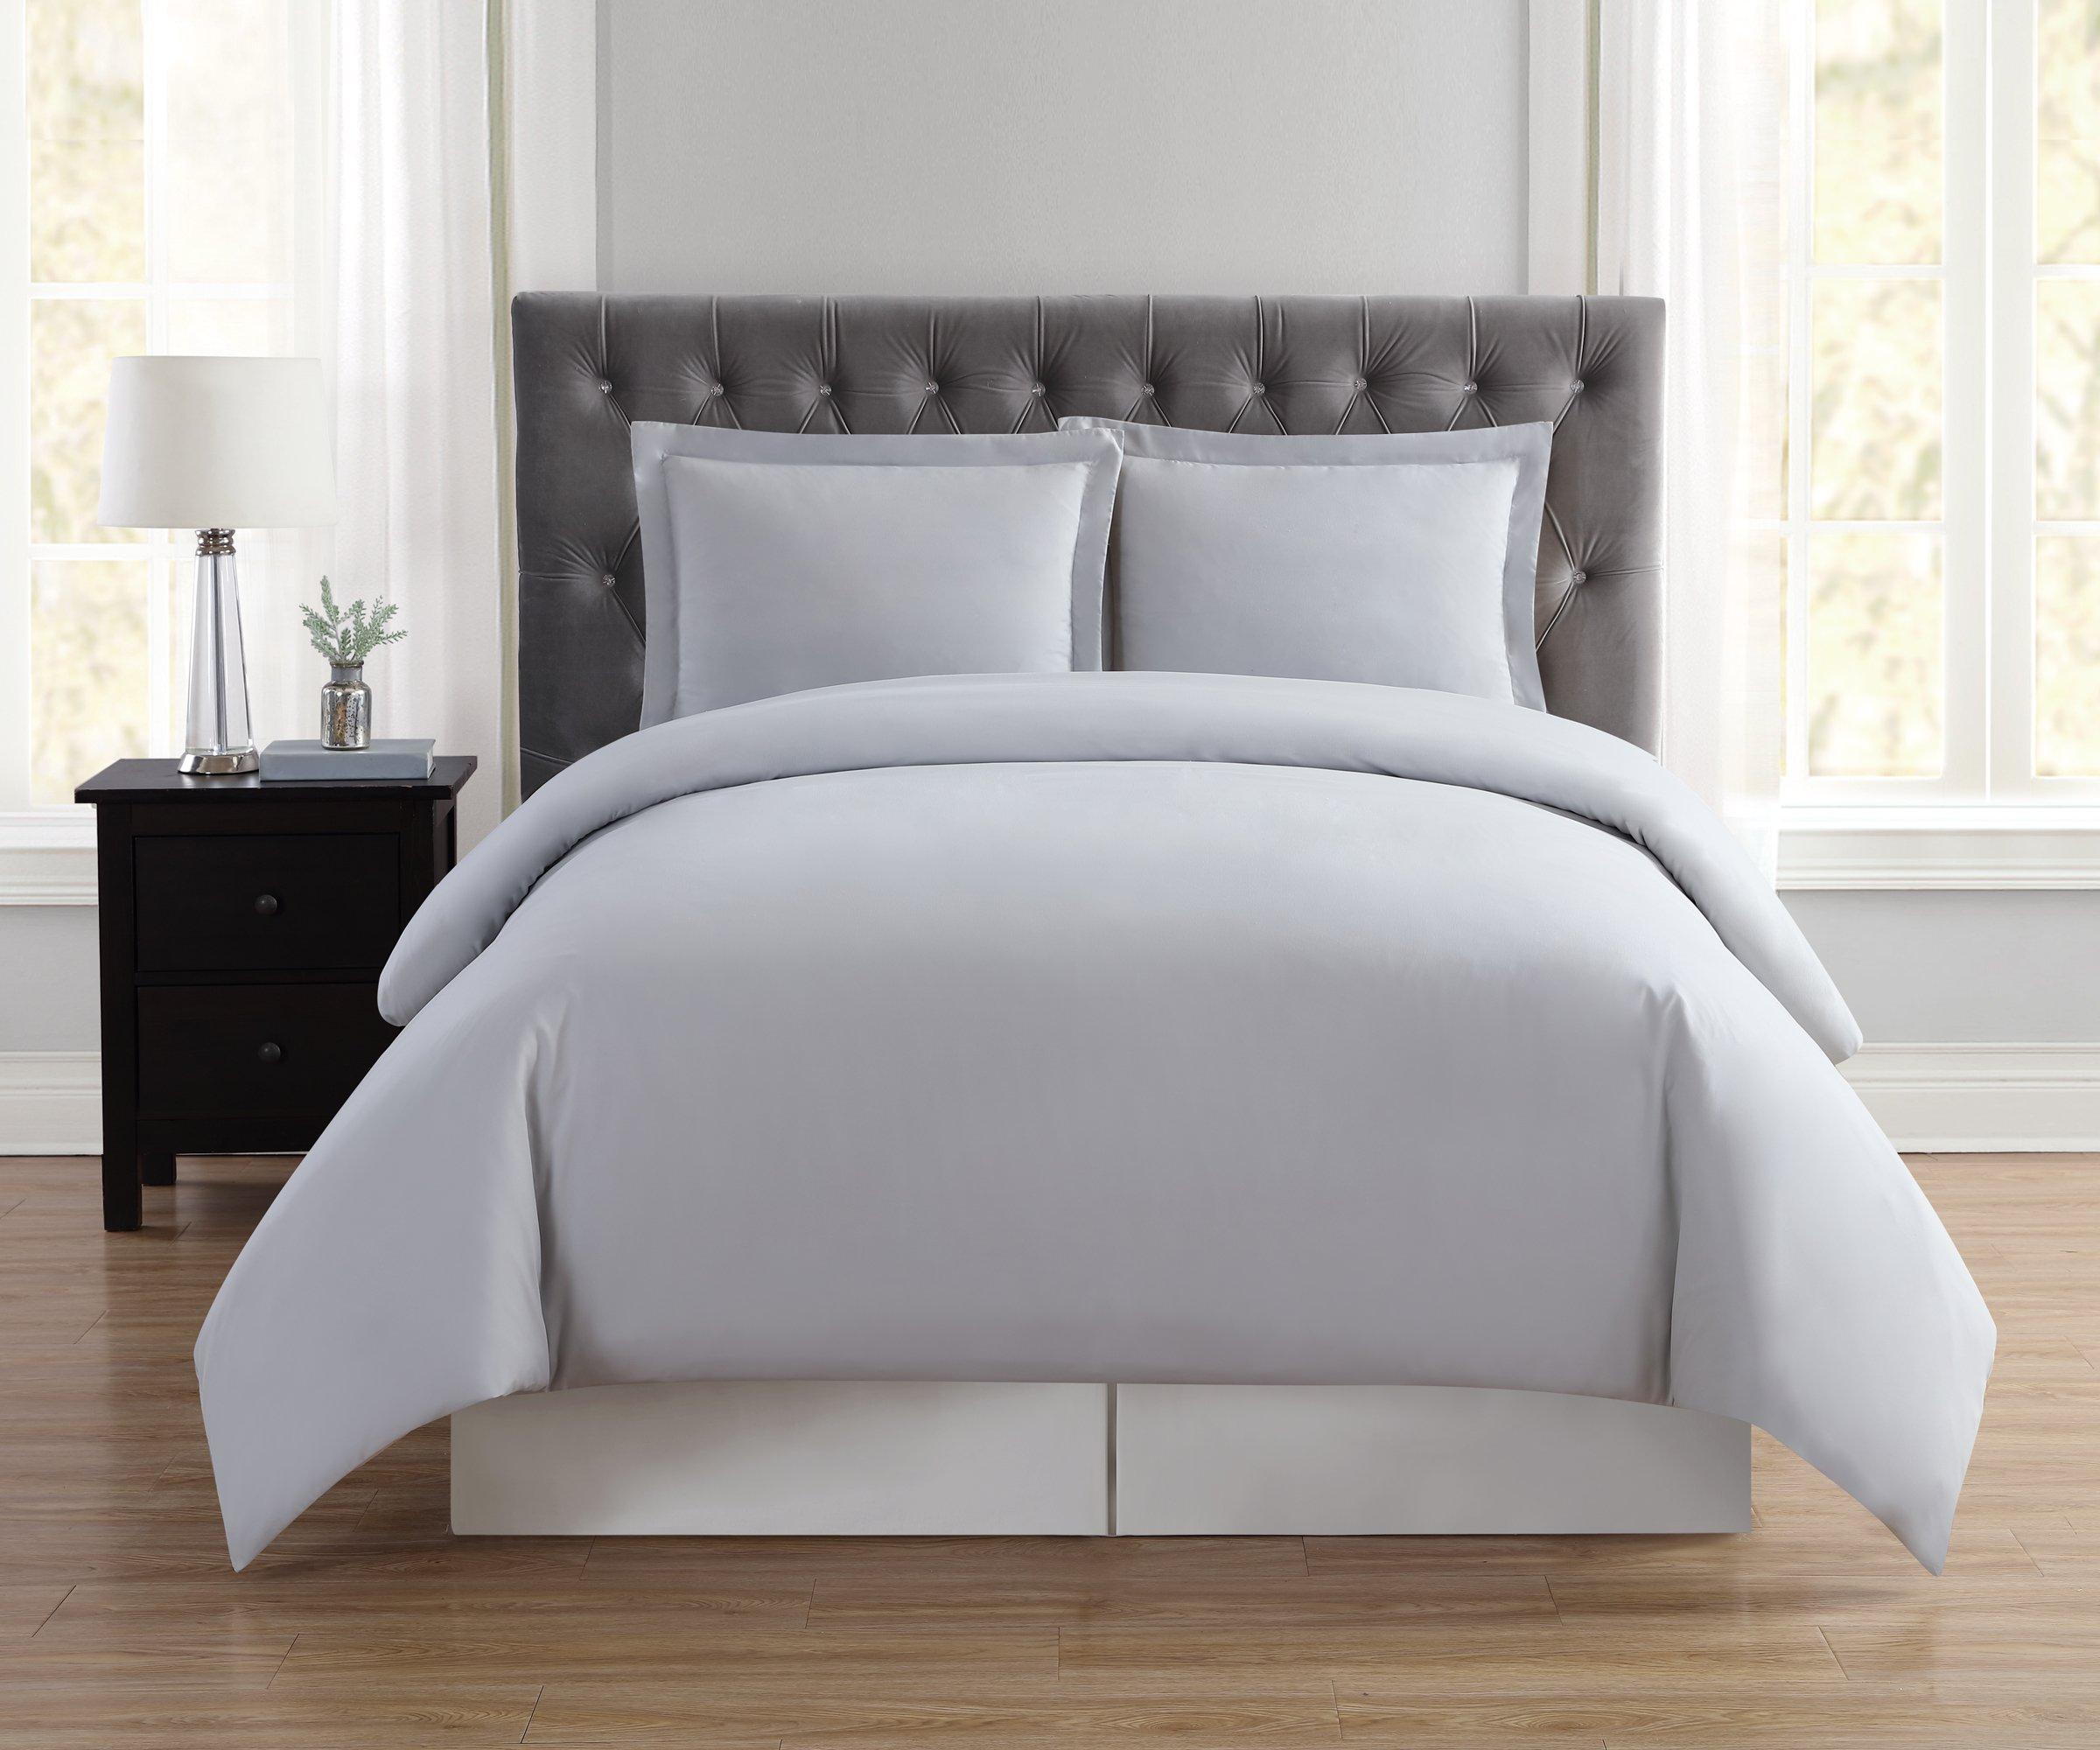 Truly Soft Everyday Elegant Duvet Set, King, Silver Grey